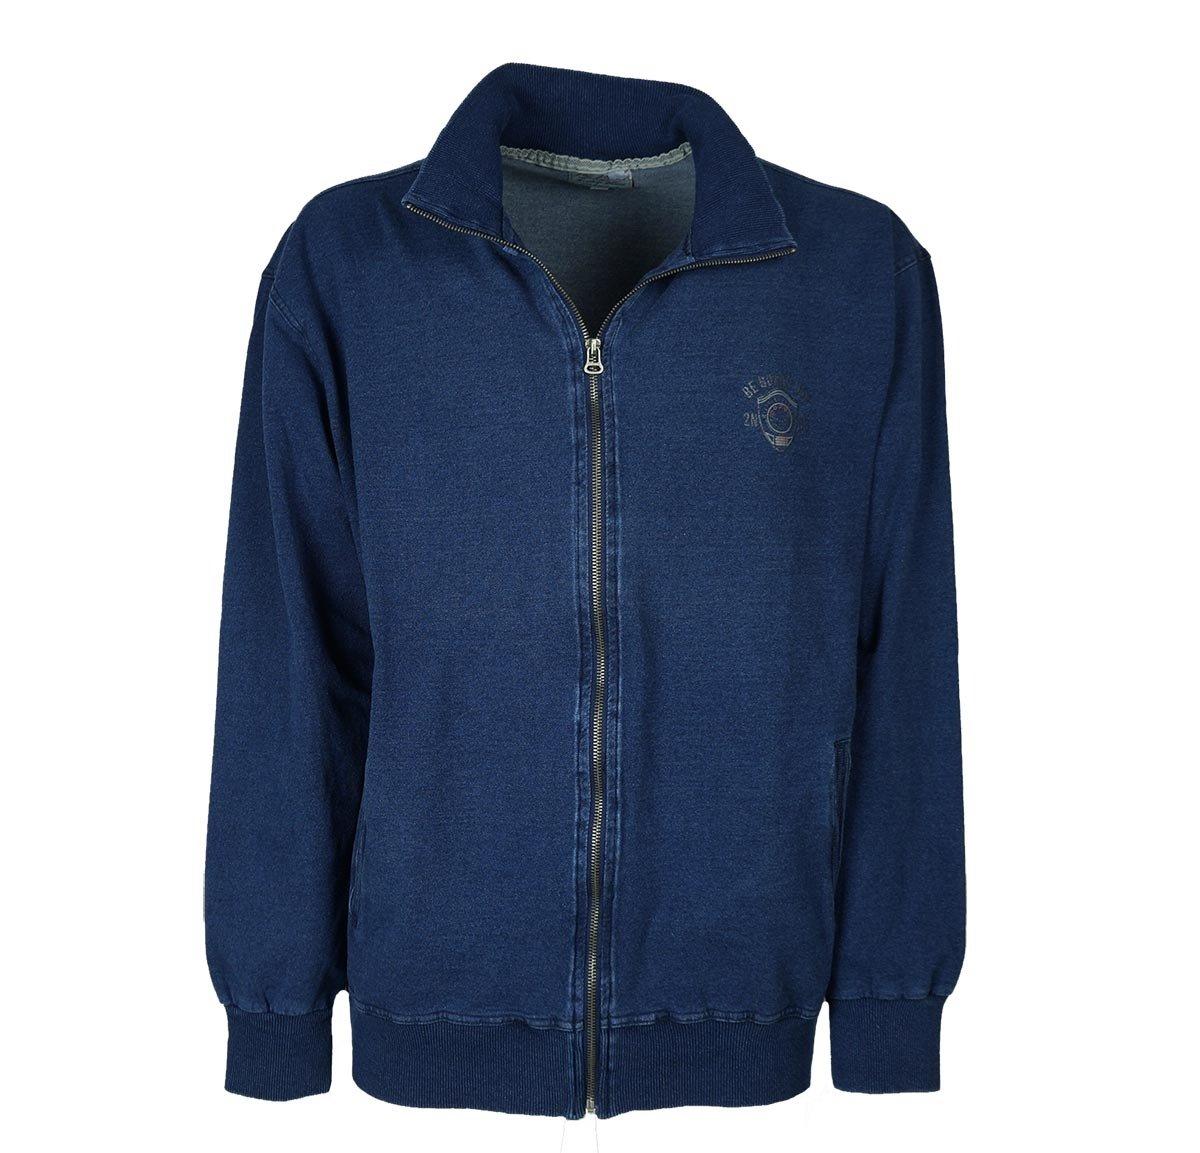 BE BOARD Felpa Jeans LEICHT für Herren Schnittform 881 F923 CONF